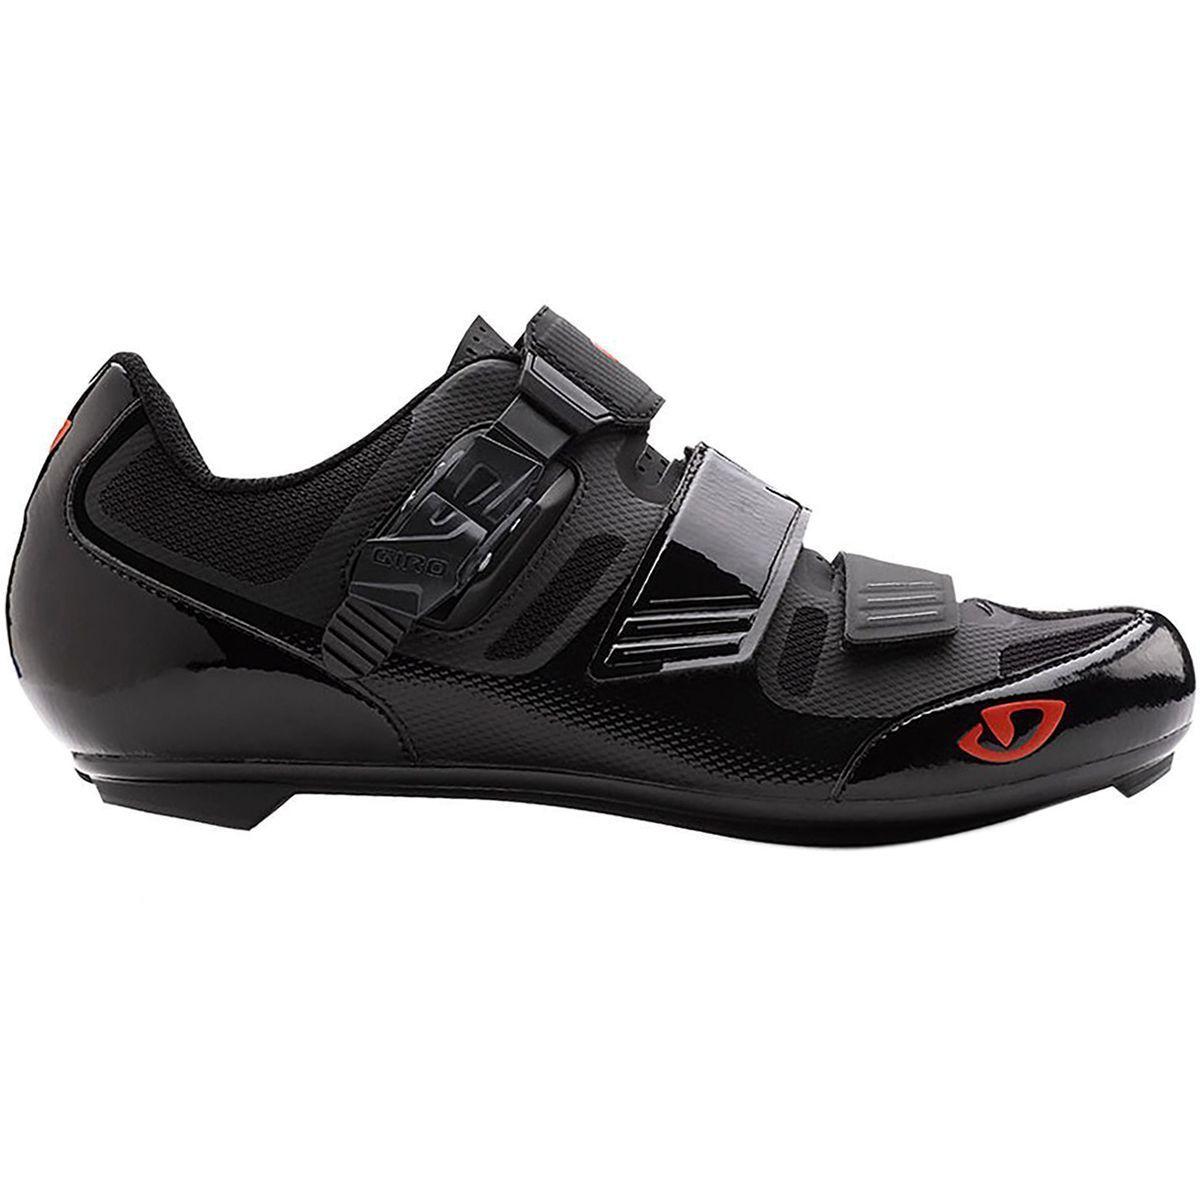 Giro Apeckx Ii Shoe Black Bright Red 39 5 Cycling Shoes Men